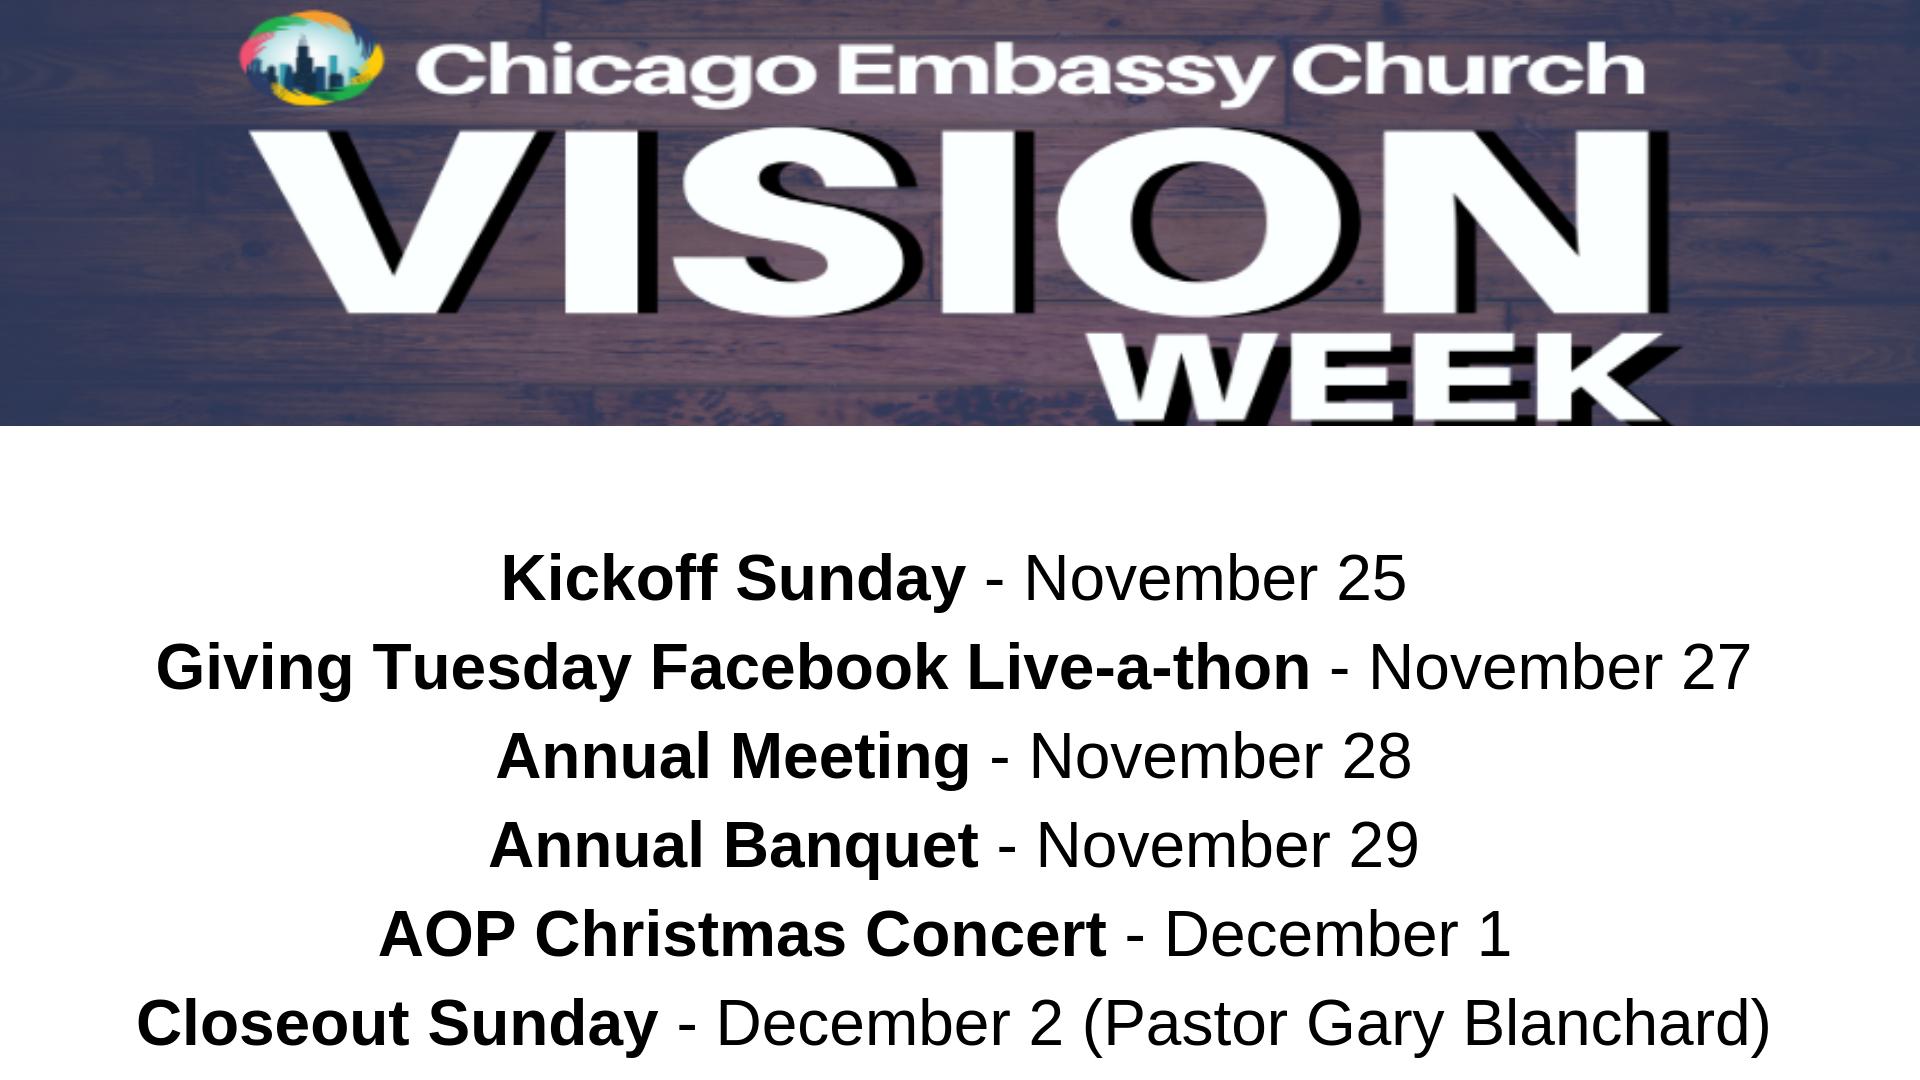 Vision Week Schedule.png